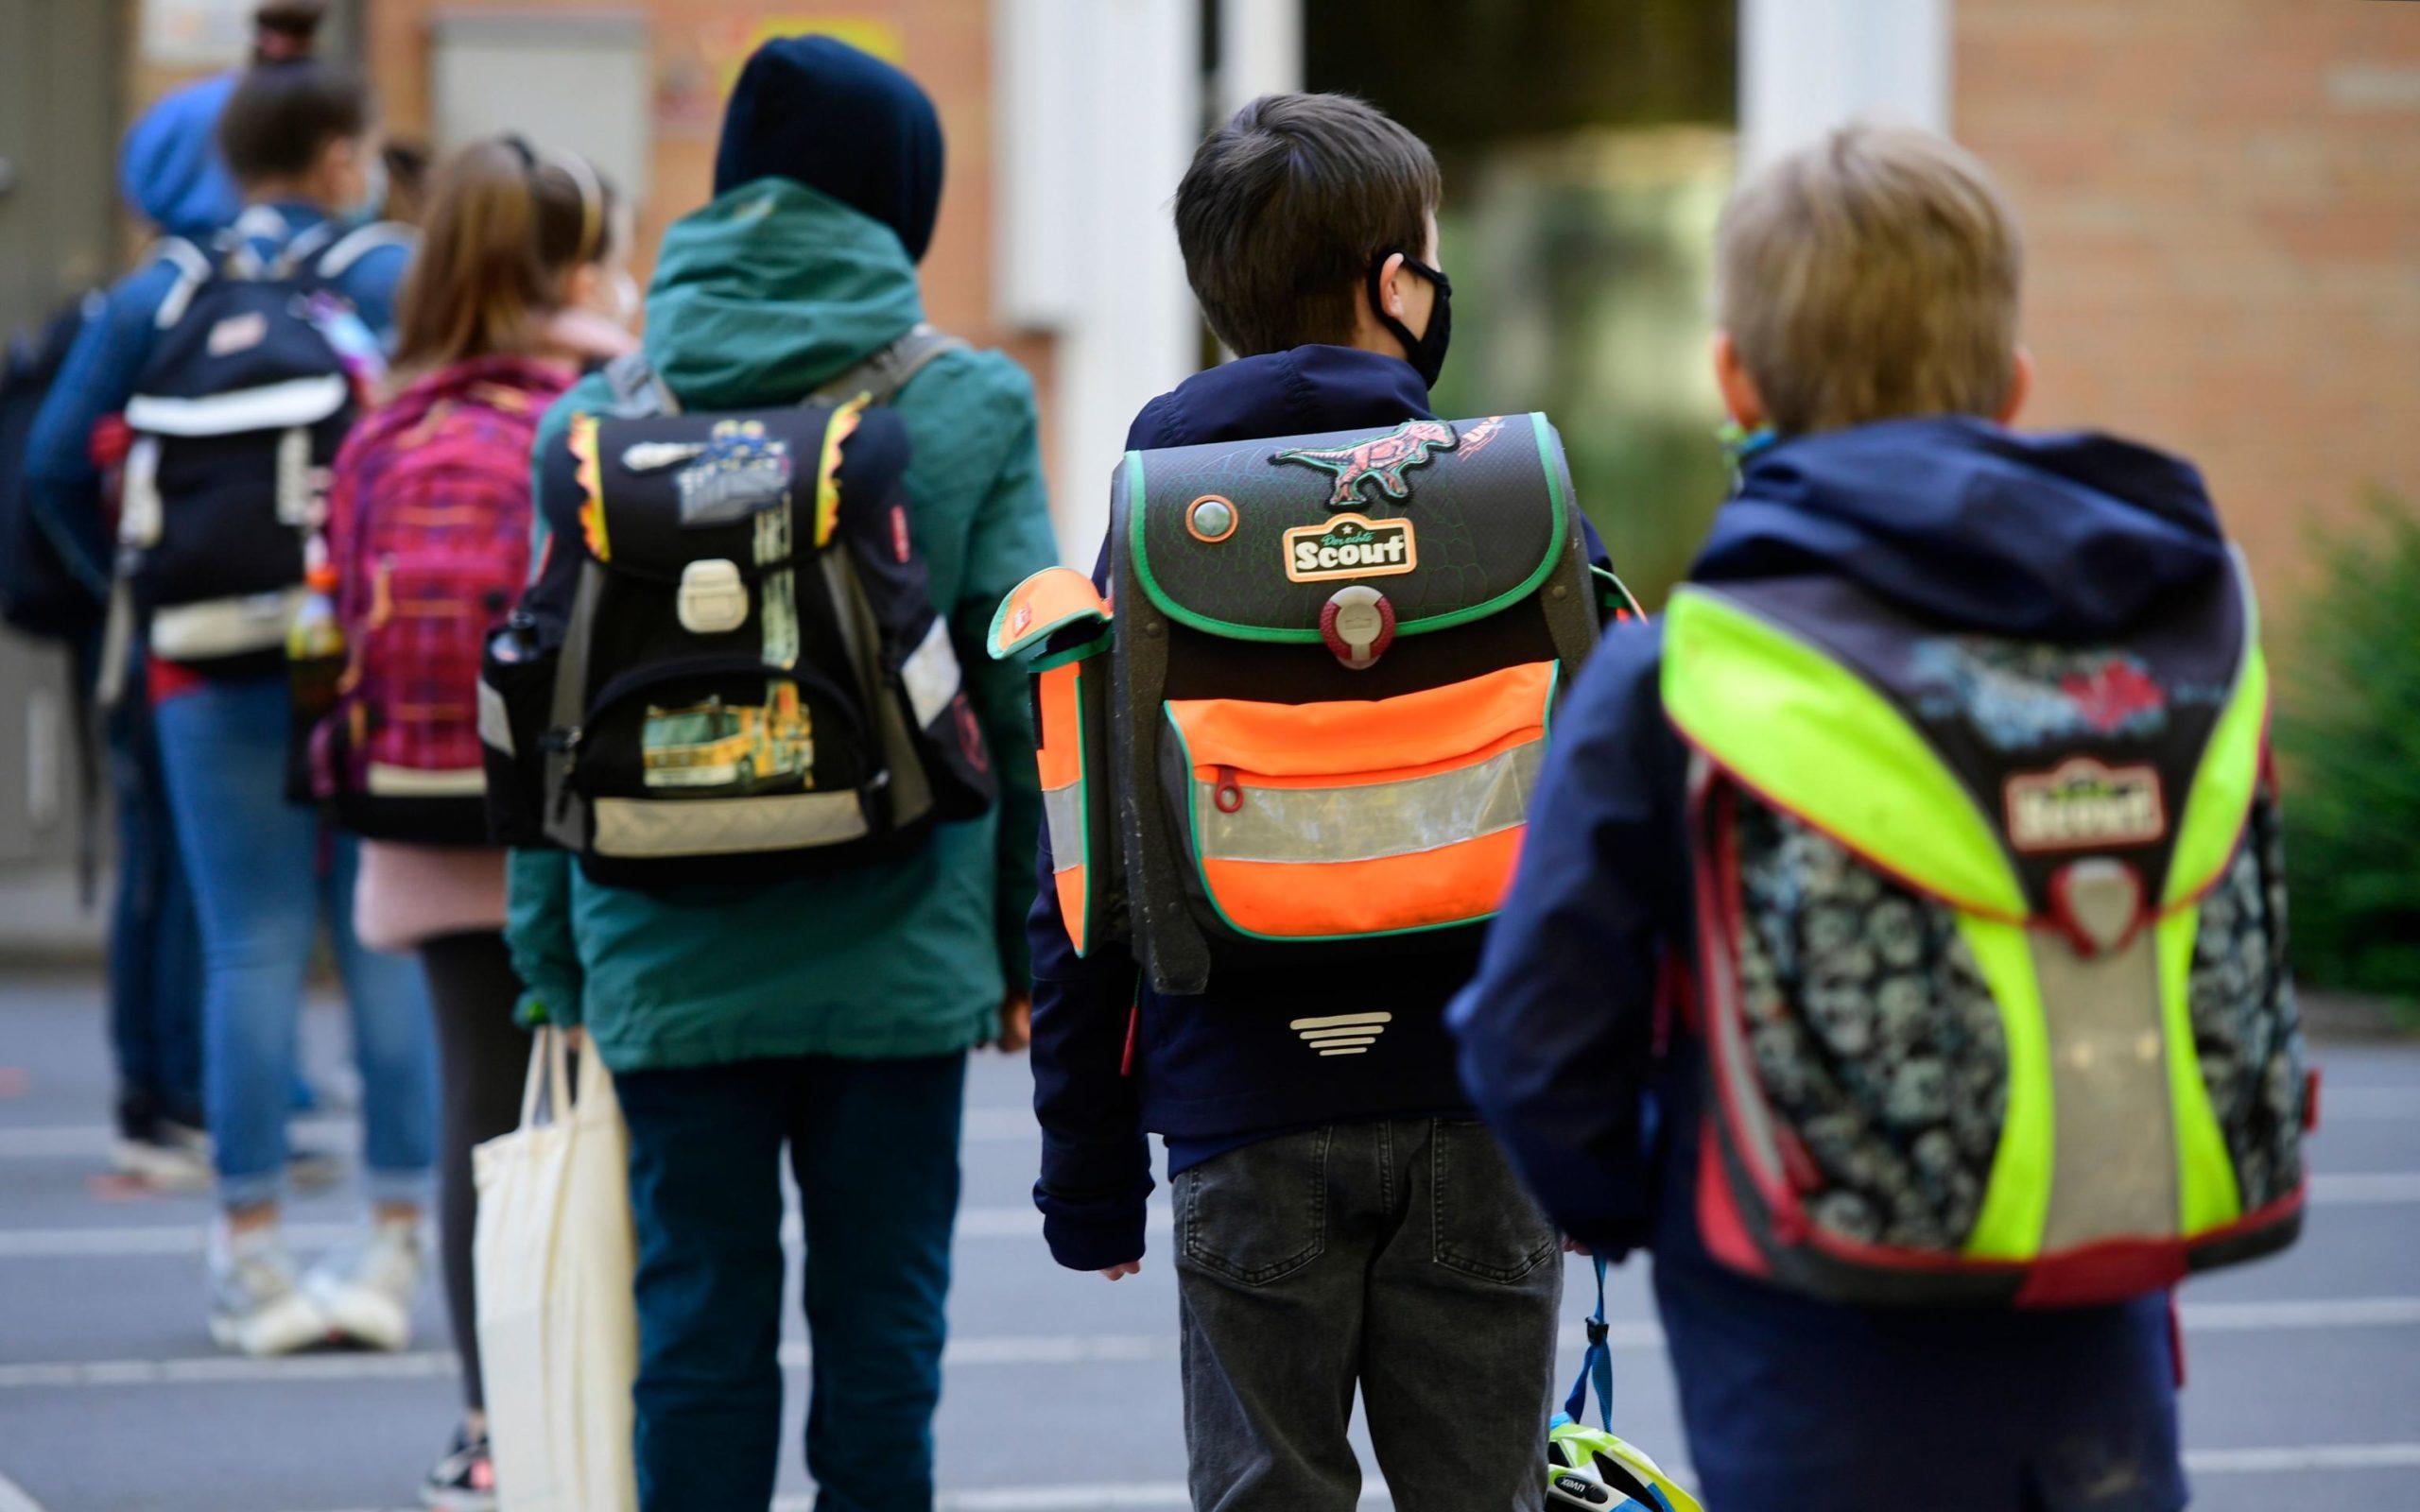 Oggi in Germania riaprono le scuole. Sono rigide le misure di sicurezza che i bambini di questa scuola elementare devono rispettare